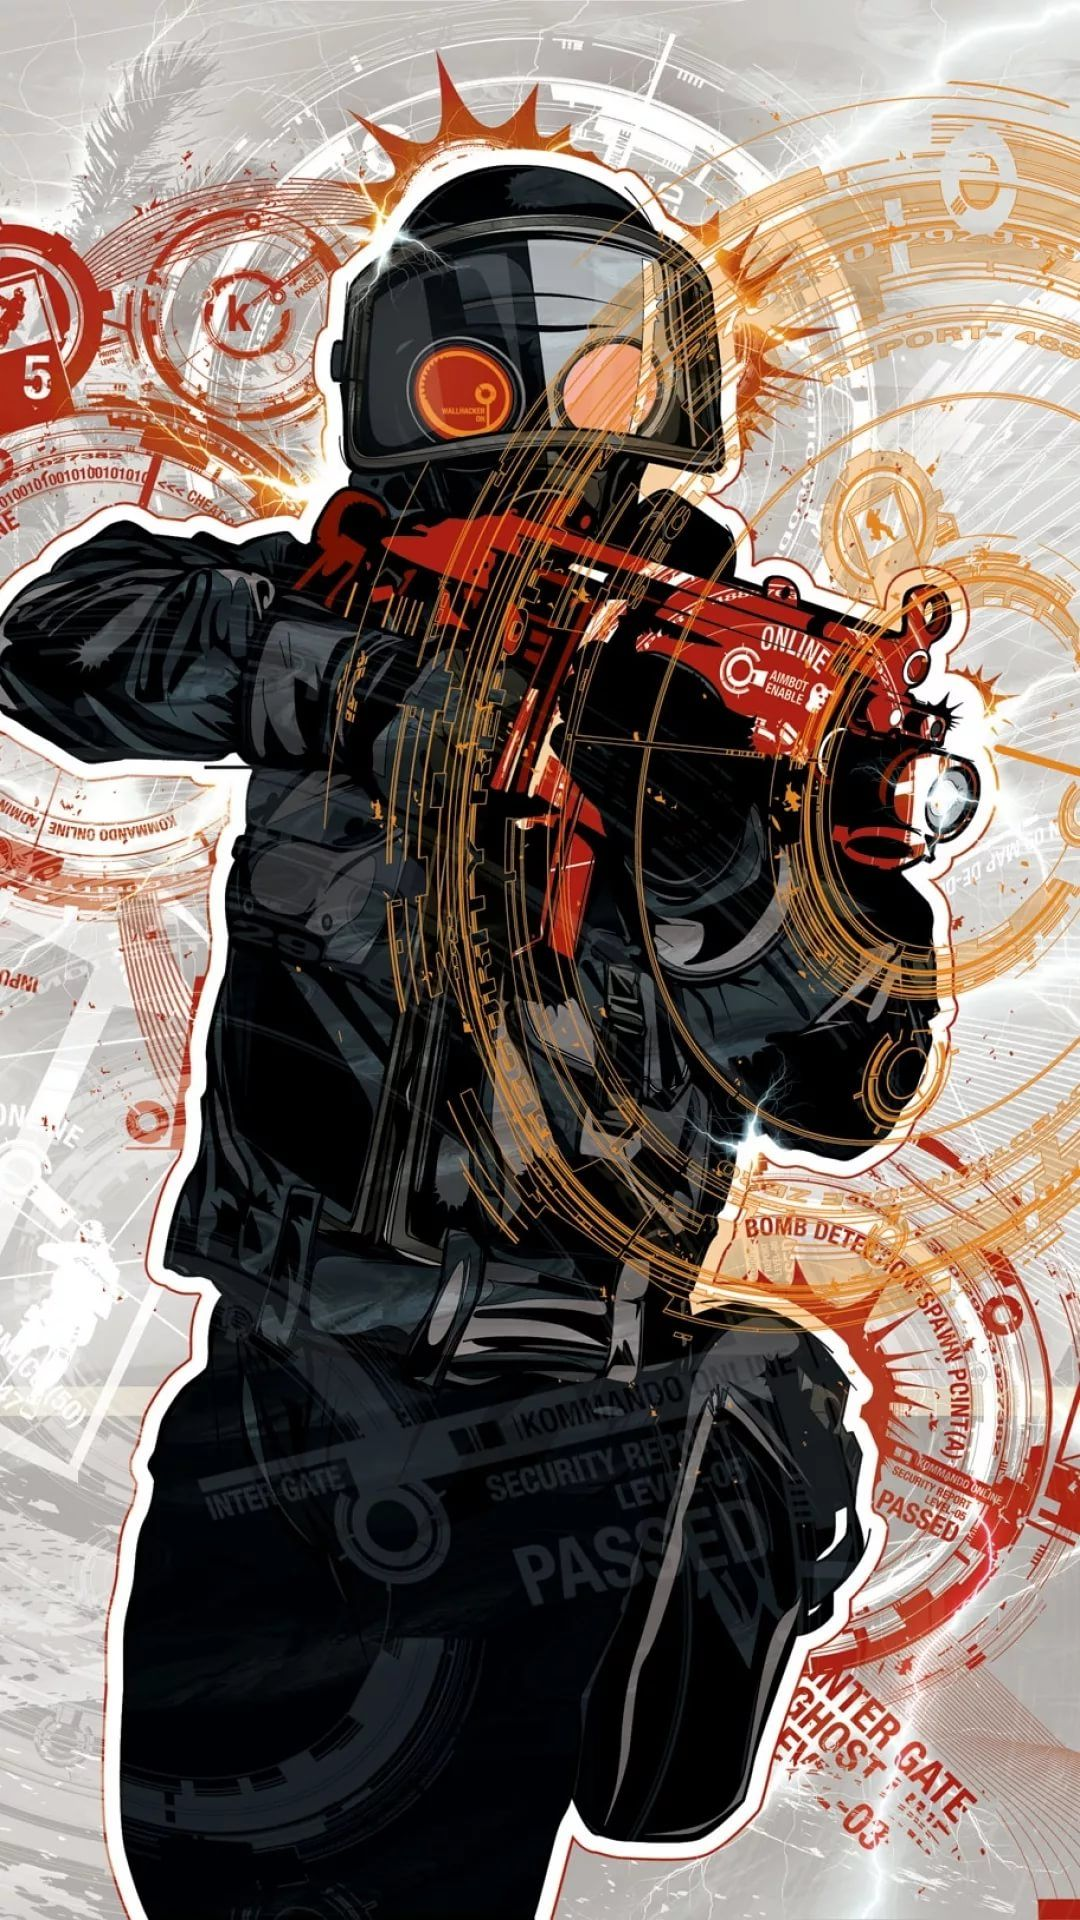 CS Go hd wallpaper